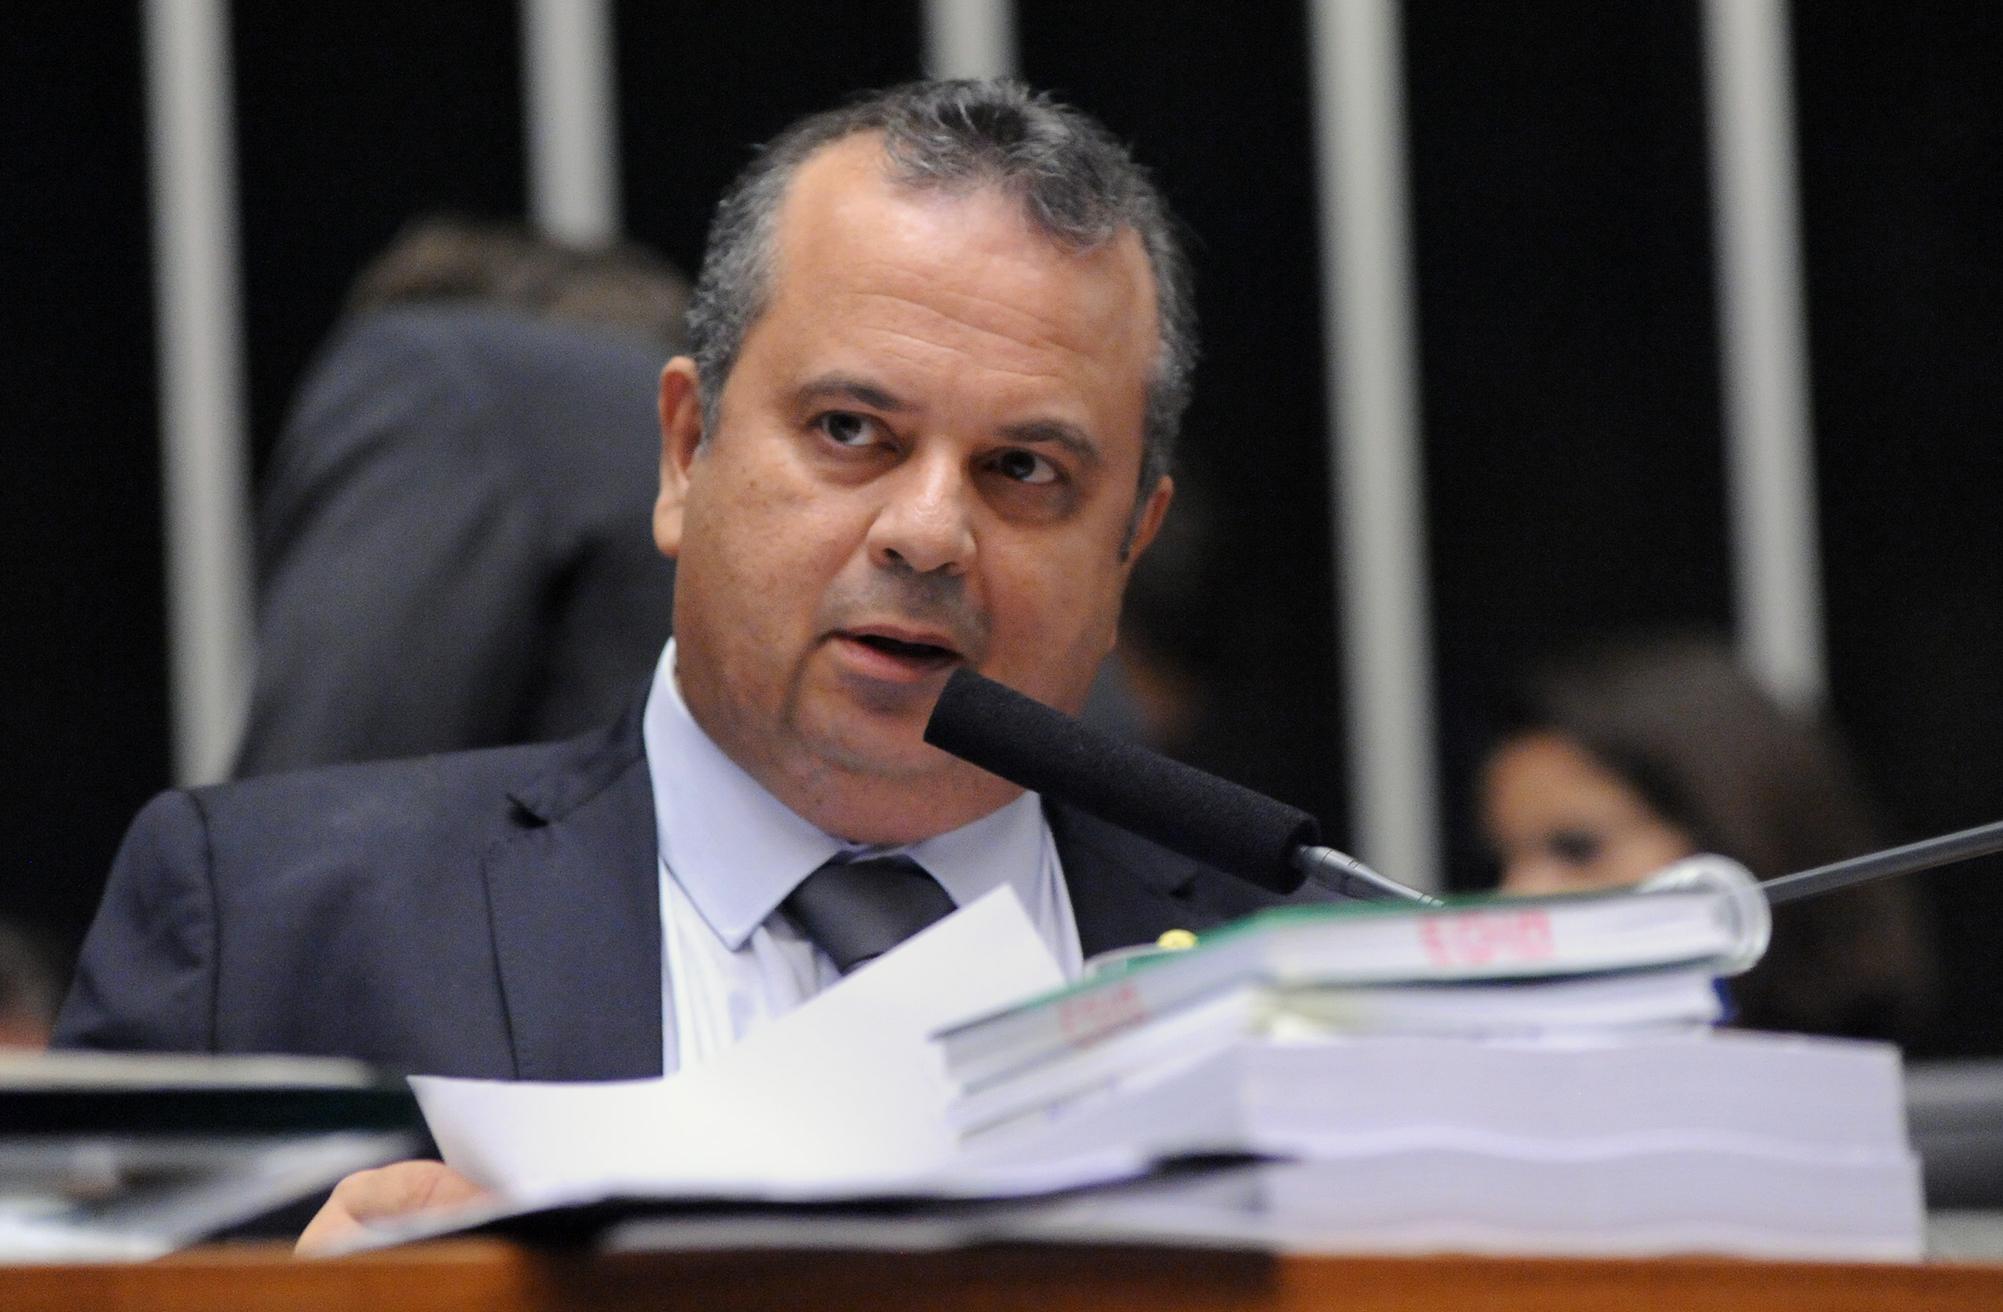 Ordem do dia para análise, discussão e votação de diversos projetos. Dep. Rogério Marinho (PSDB - RN)